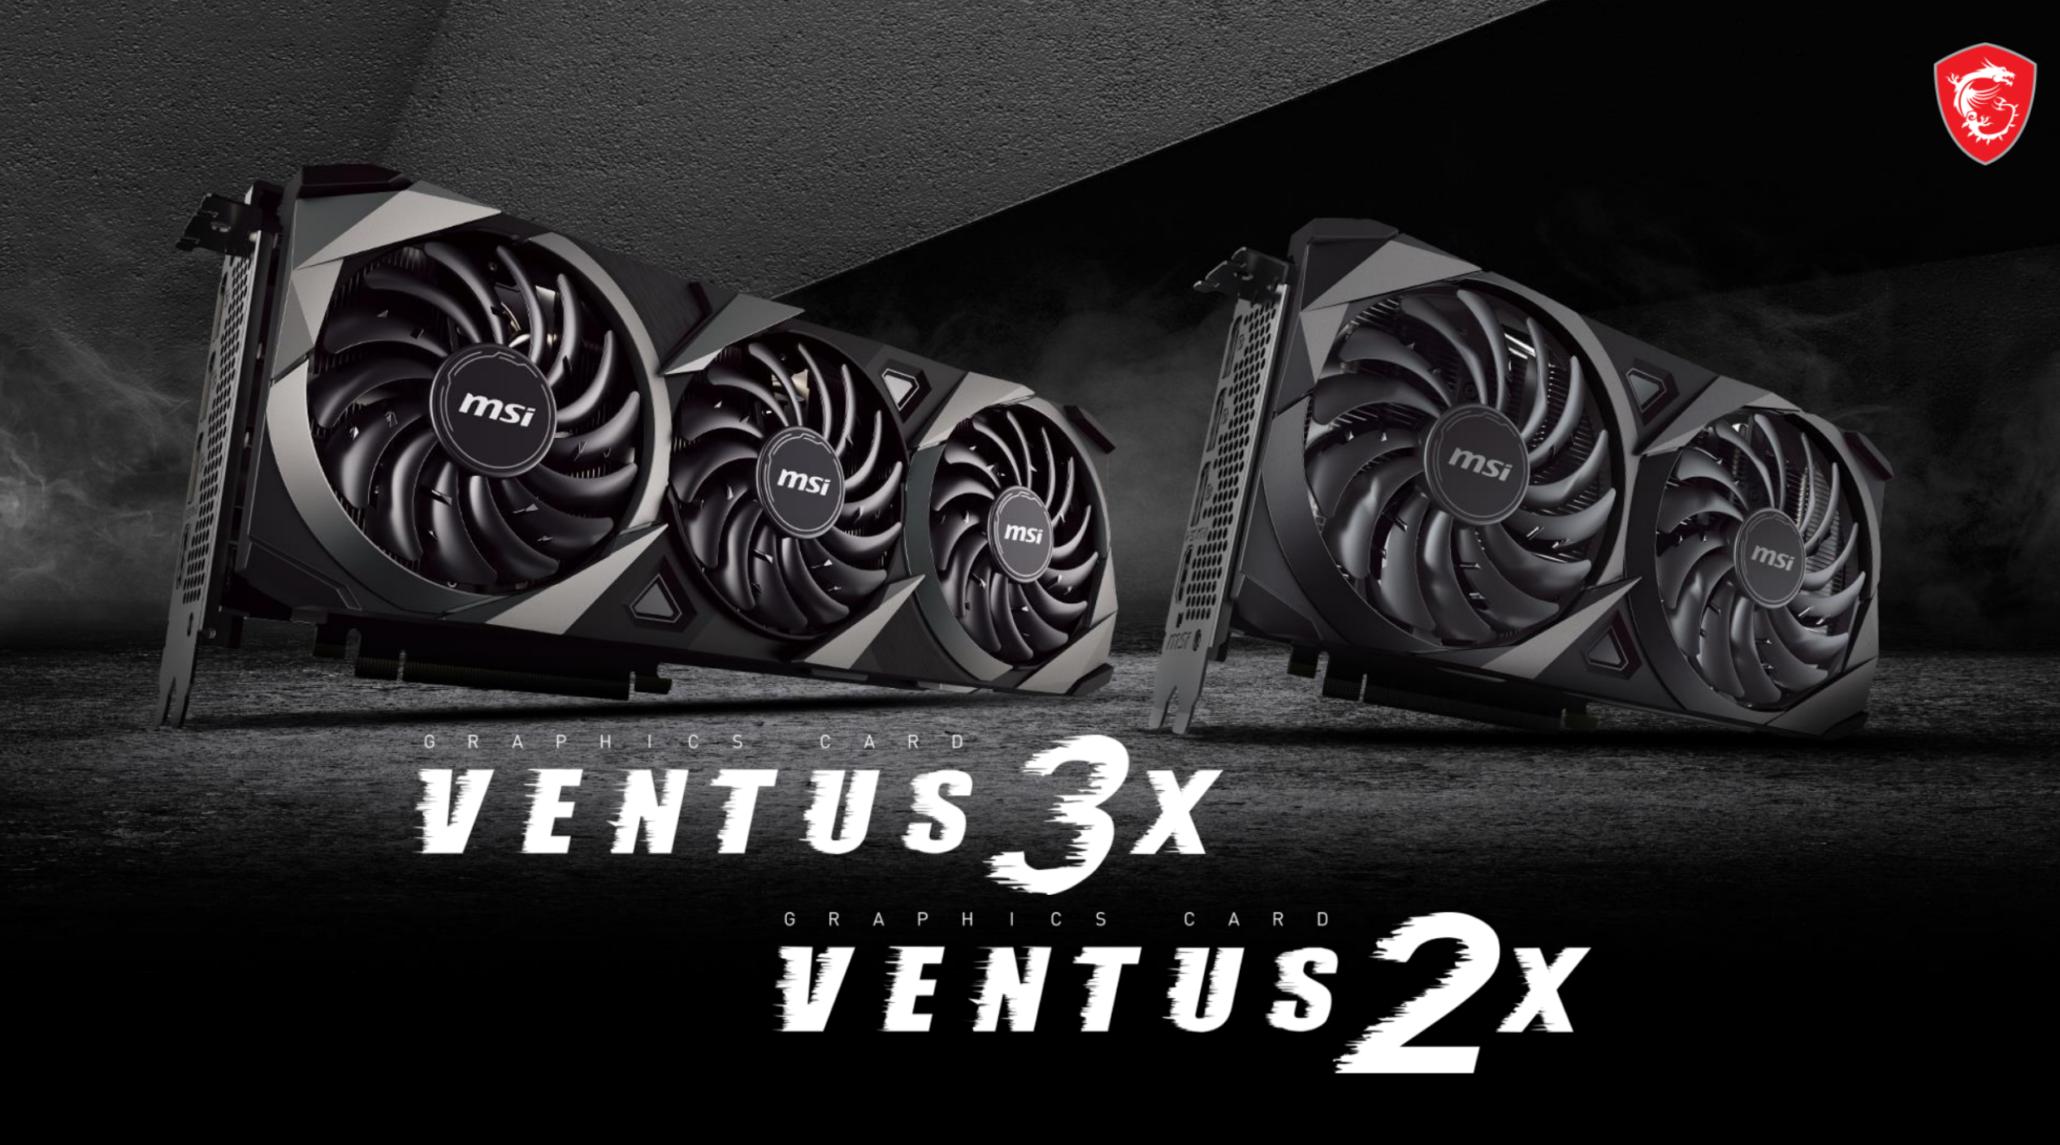 NVIDIA GeForce RTX 3080 Ti 12 GB Graphics Card pada MSI's Ventus 3X OC Telah Terlihat